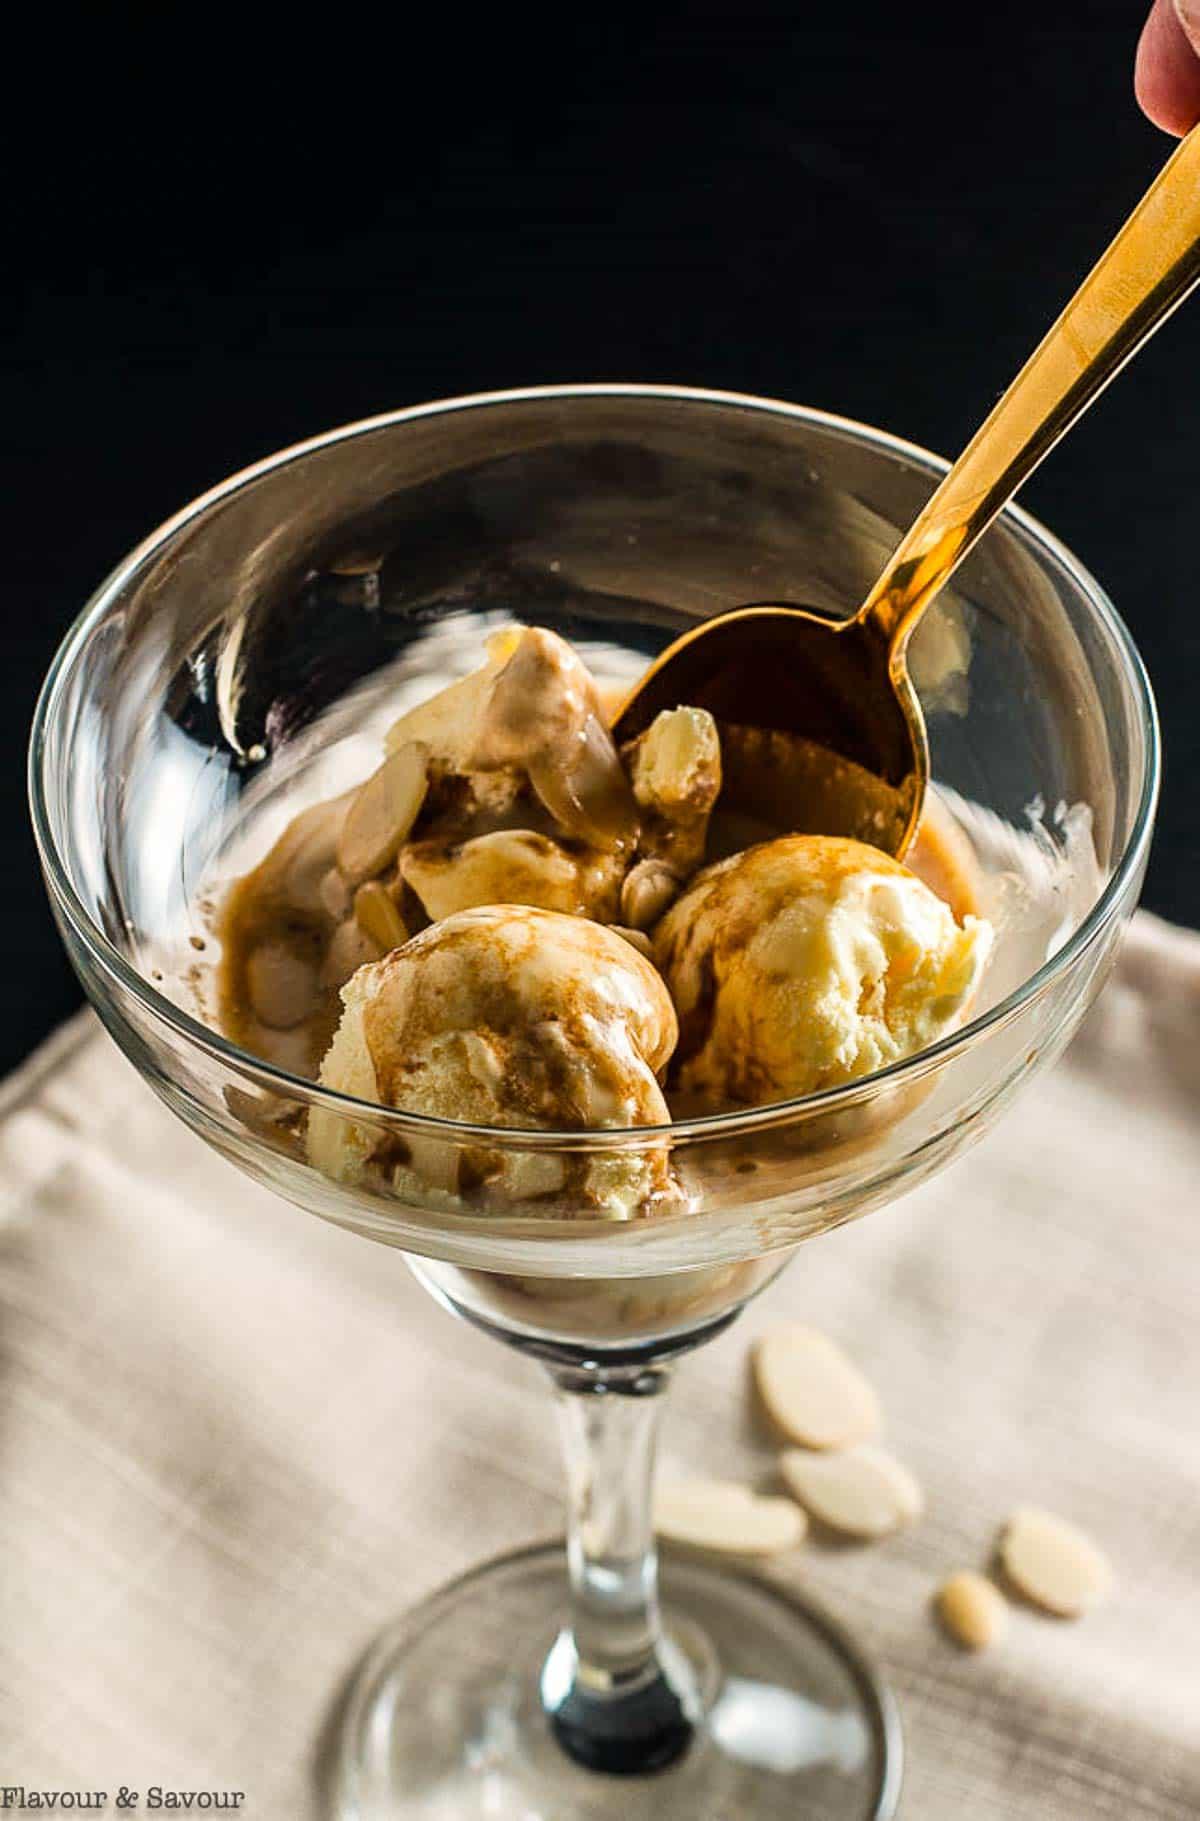 a spoonful of affogato coffee dessert with ice cream and espresso